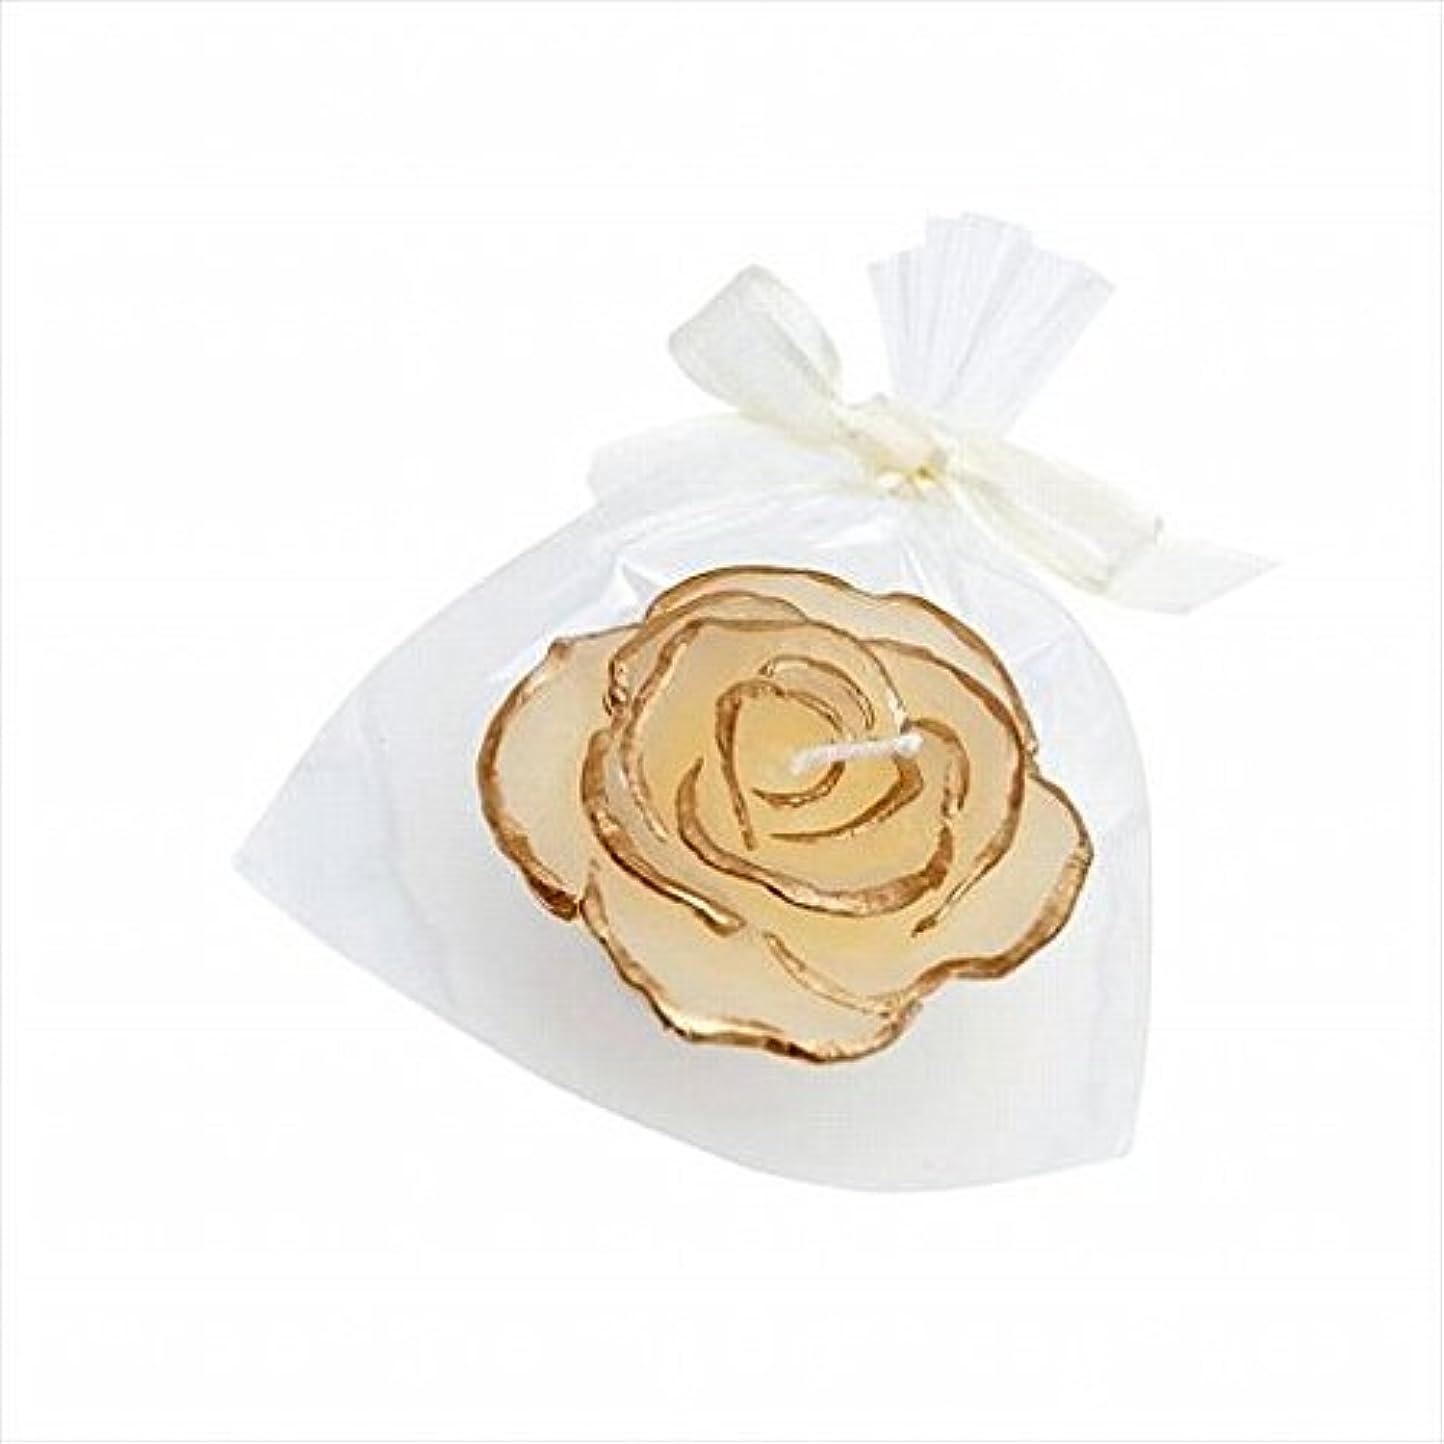 薄める税金驚いたkameyama candle(カメヤマキャンドル) プリンセスローズ 「 アイボリー 」(A6390500IV)